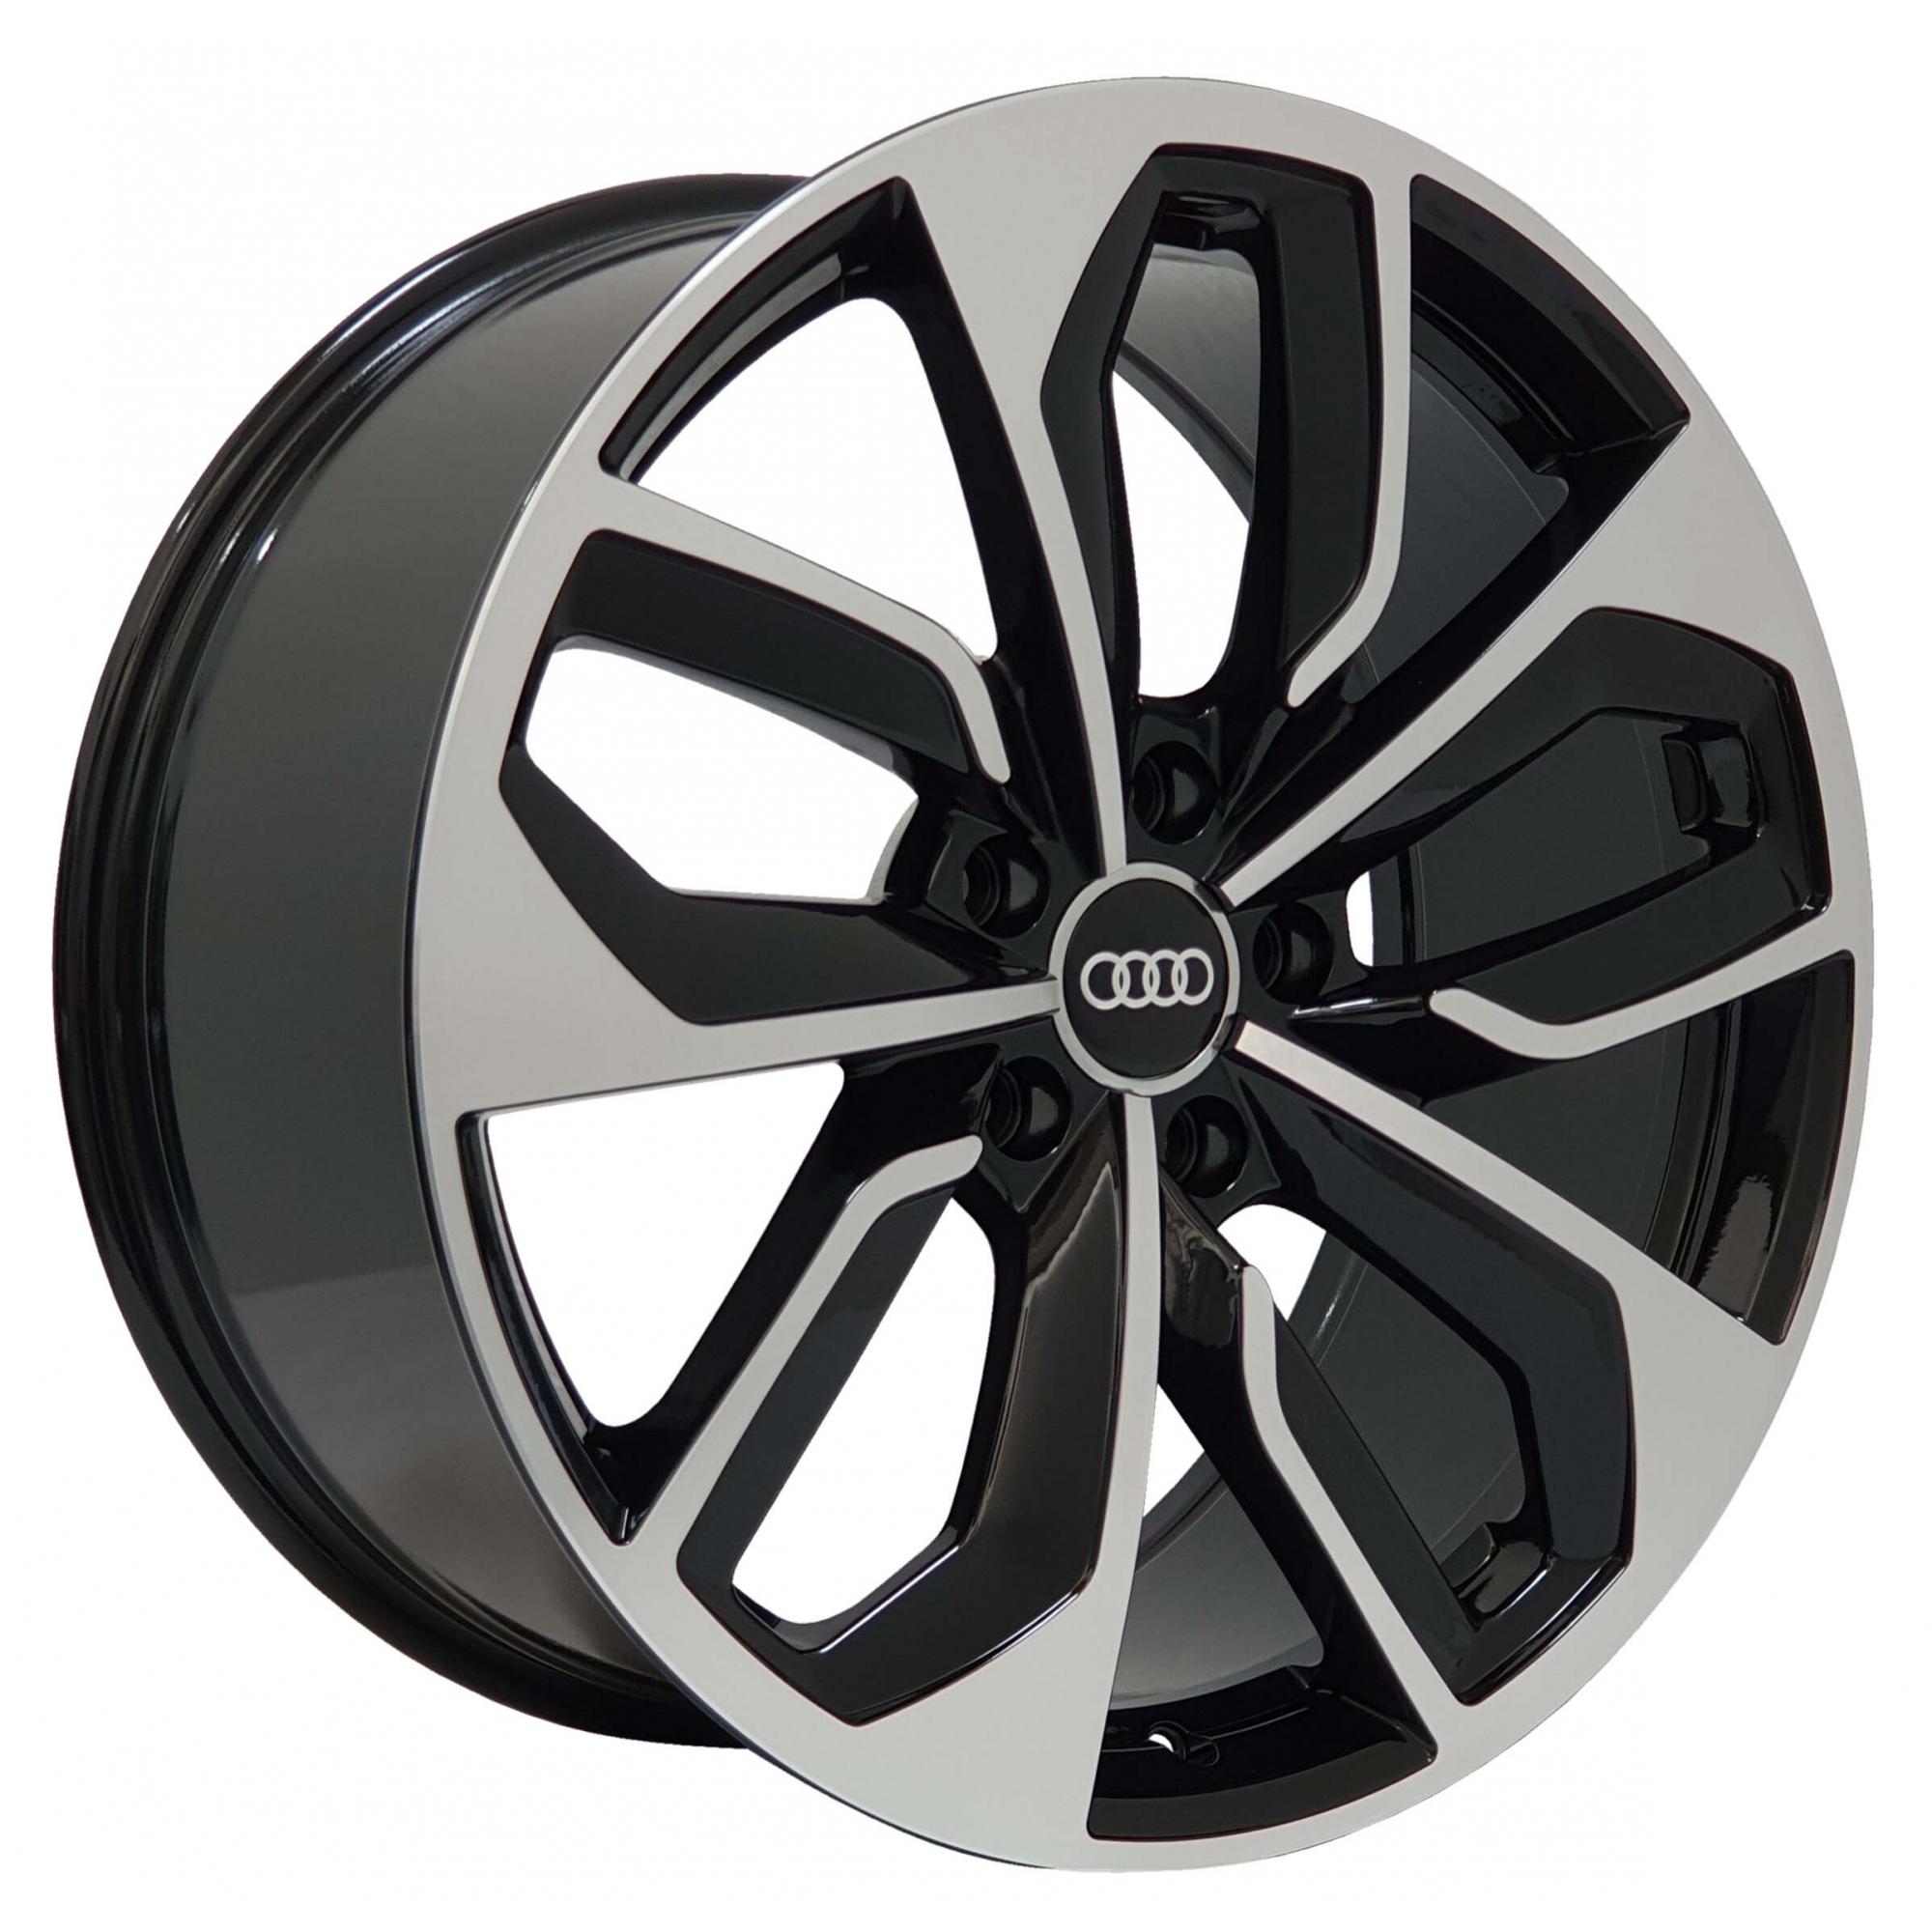 Jogo Rodas Audi RS4 Zeus ZWRS4 Aro 19 5x112 (ET 45) Preto Brilhante Diamantado